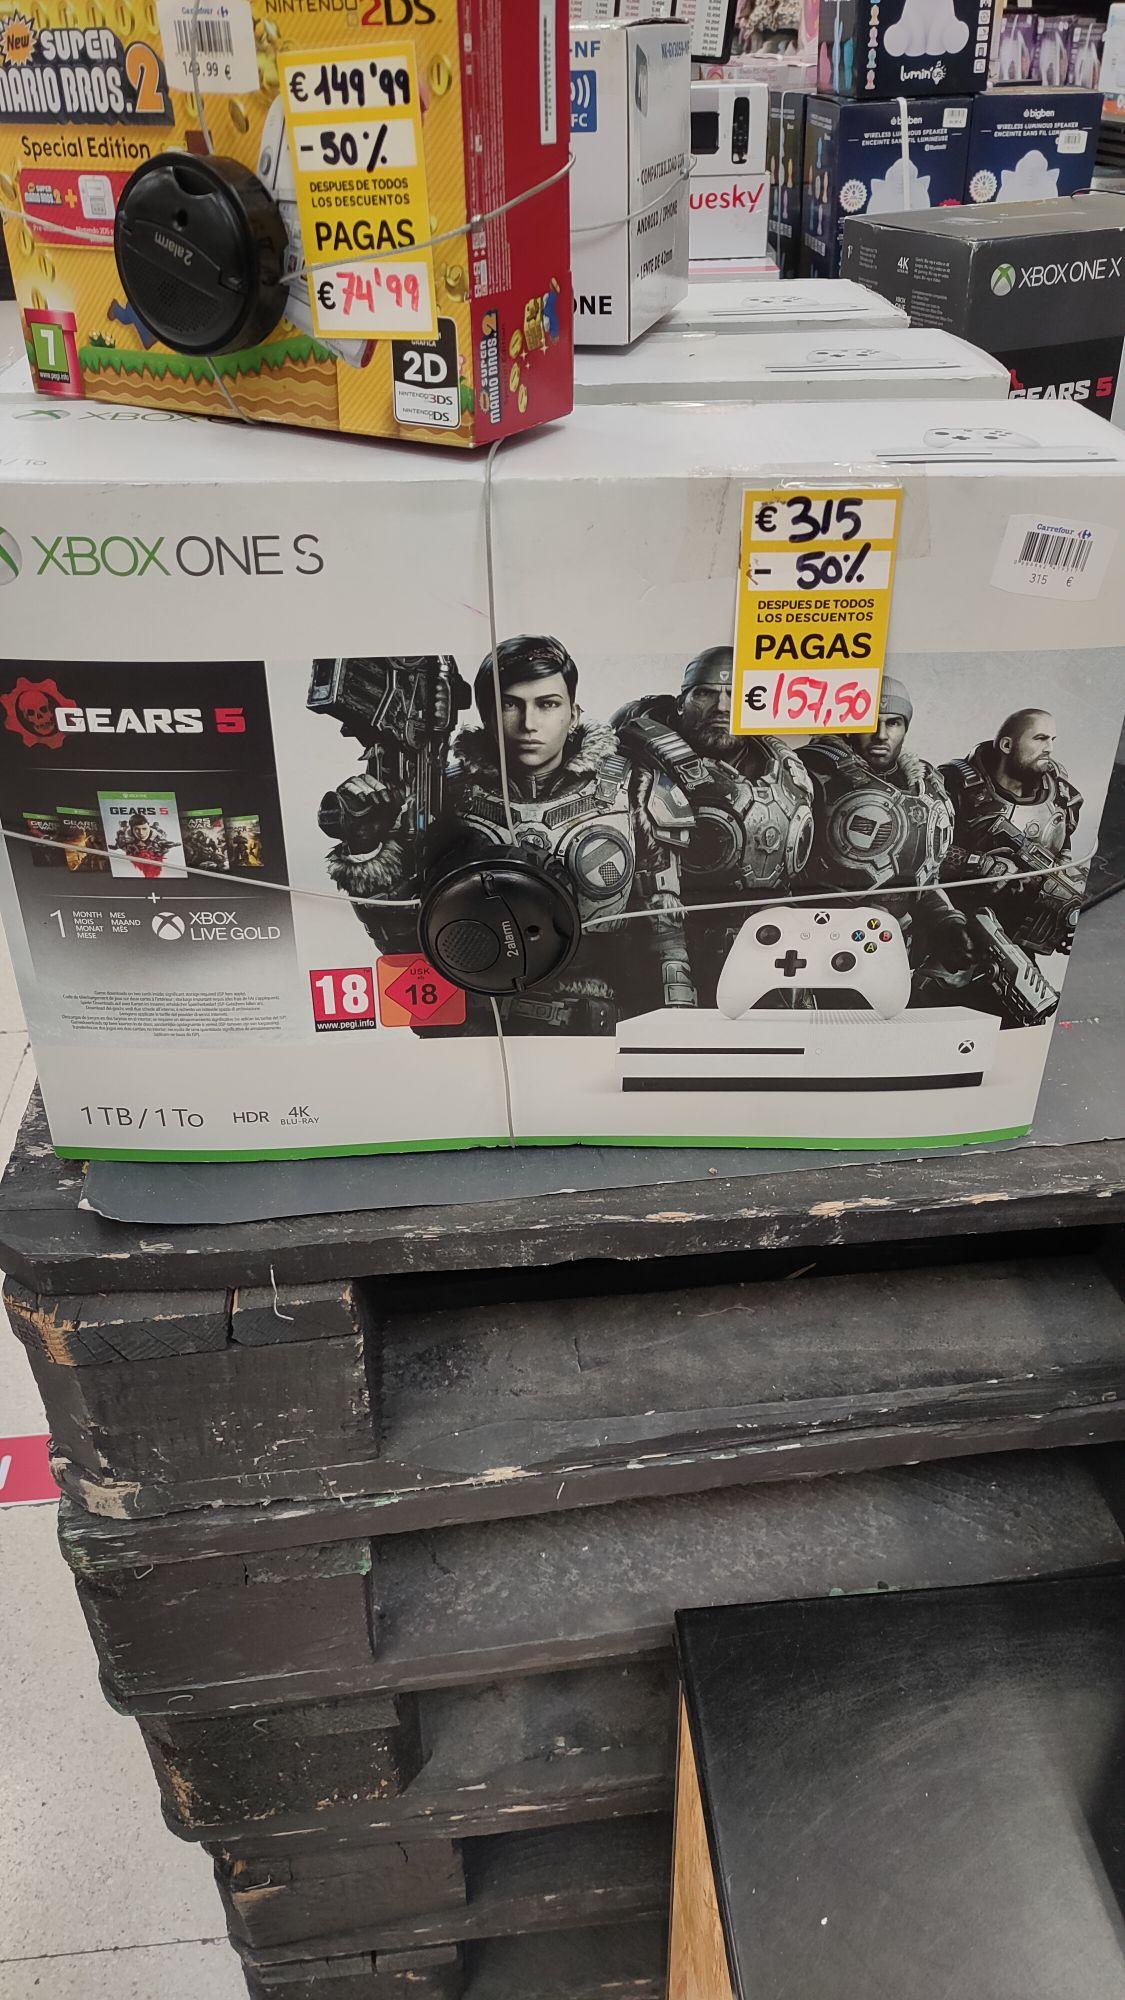 Xbox One S - Carrefour Zaragoza